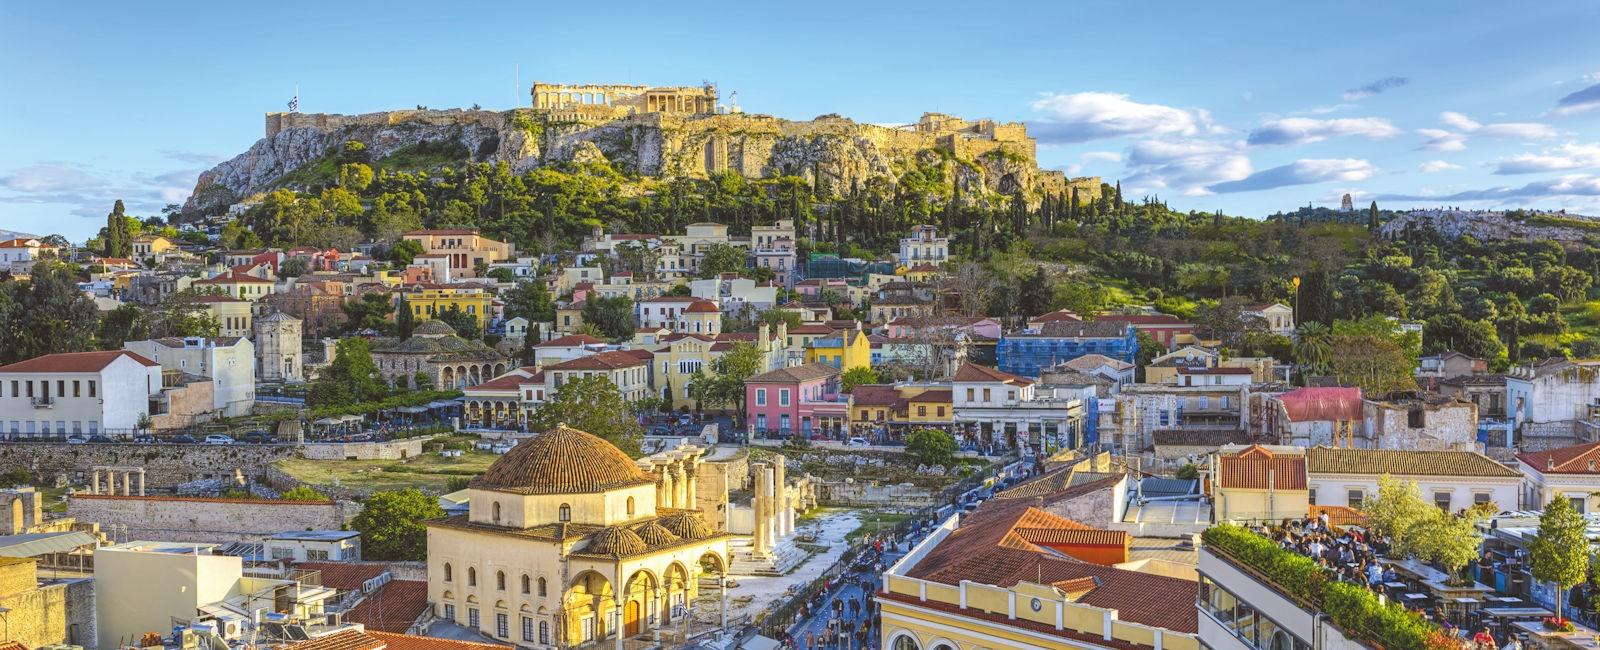 luxury athens city breaks